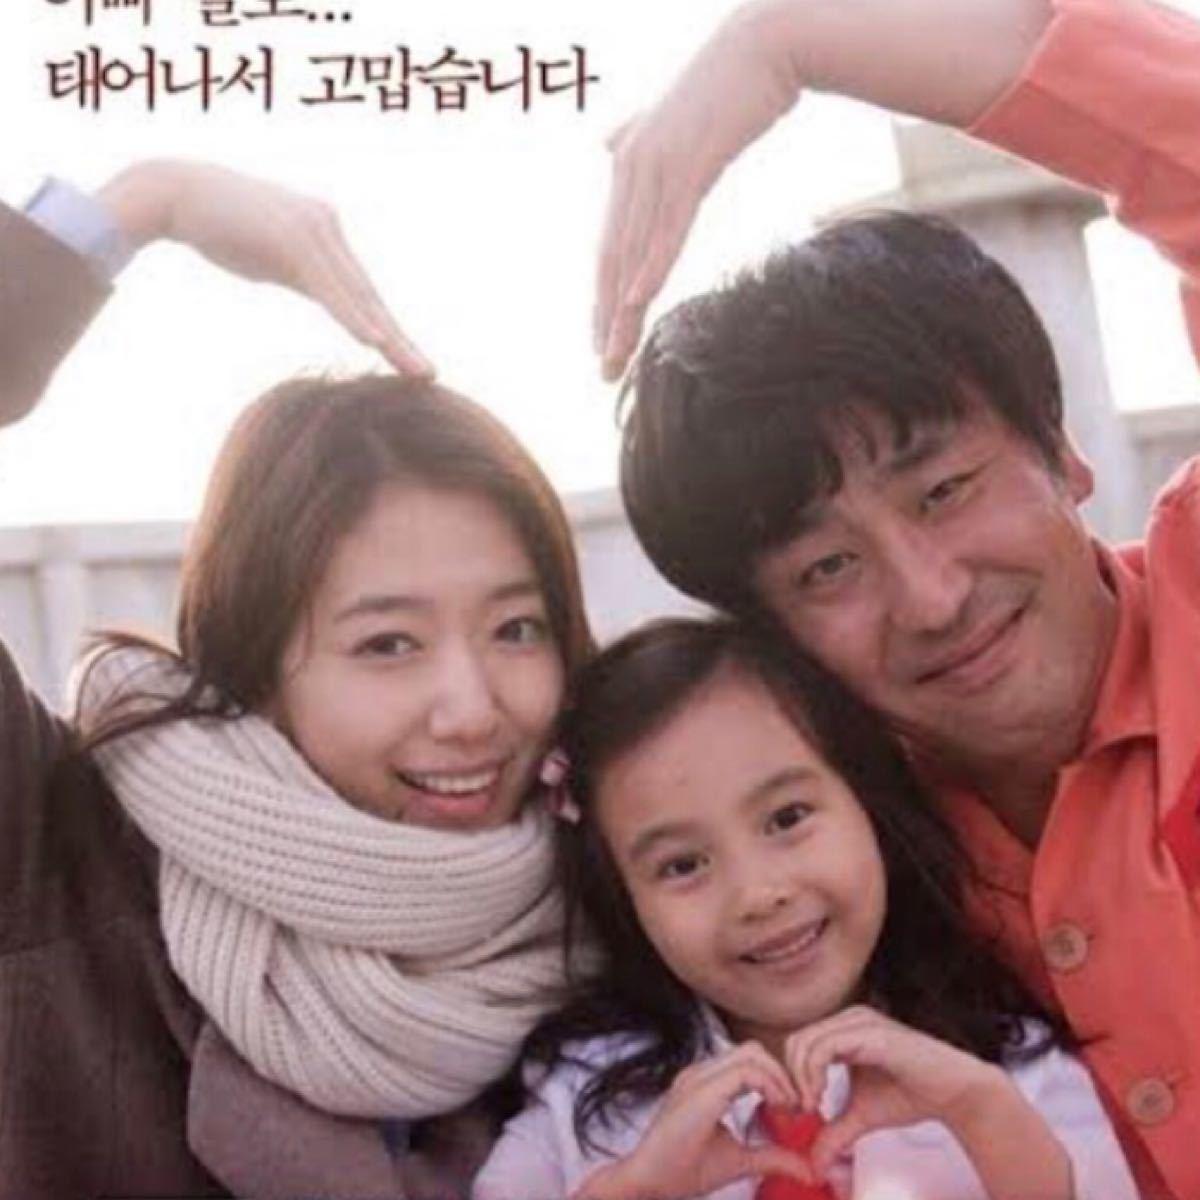 韓国映画  7番房の奇跡  リュ・スンリョン  パク・シネ  カル・ソウォン  DVD  日本語吹替有り  レーベル有り